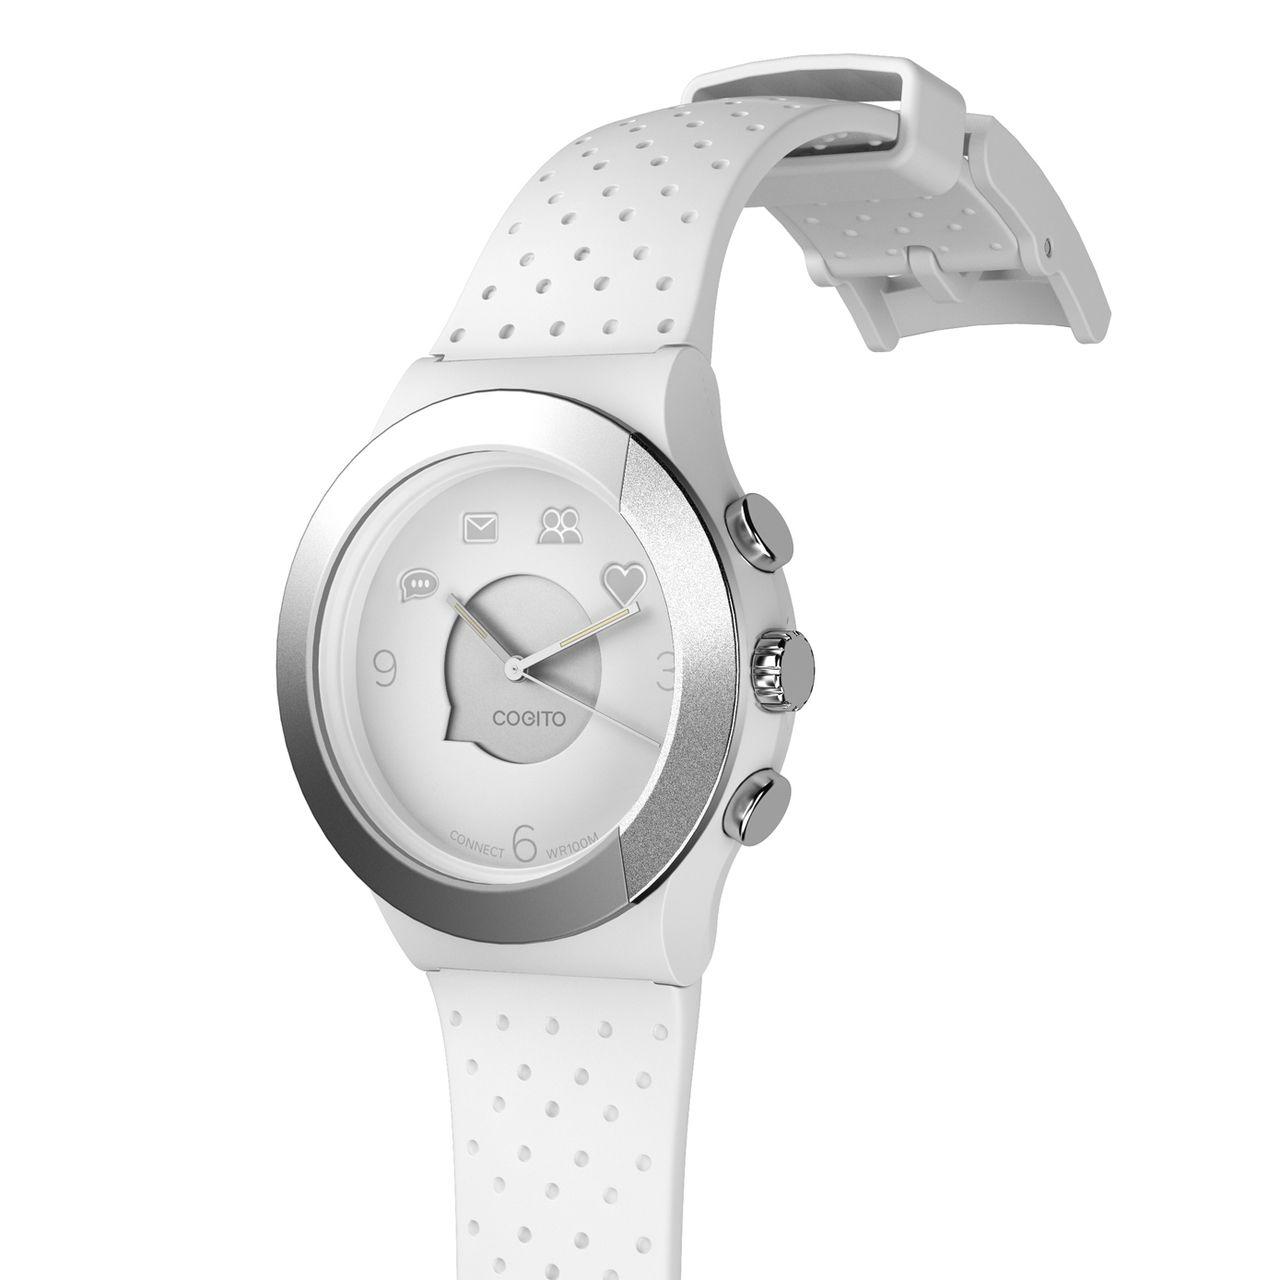 Смарт часовник Cogito Fit - бяло/сиво - 2